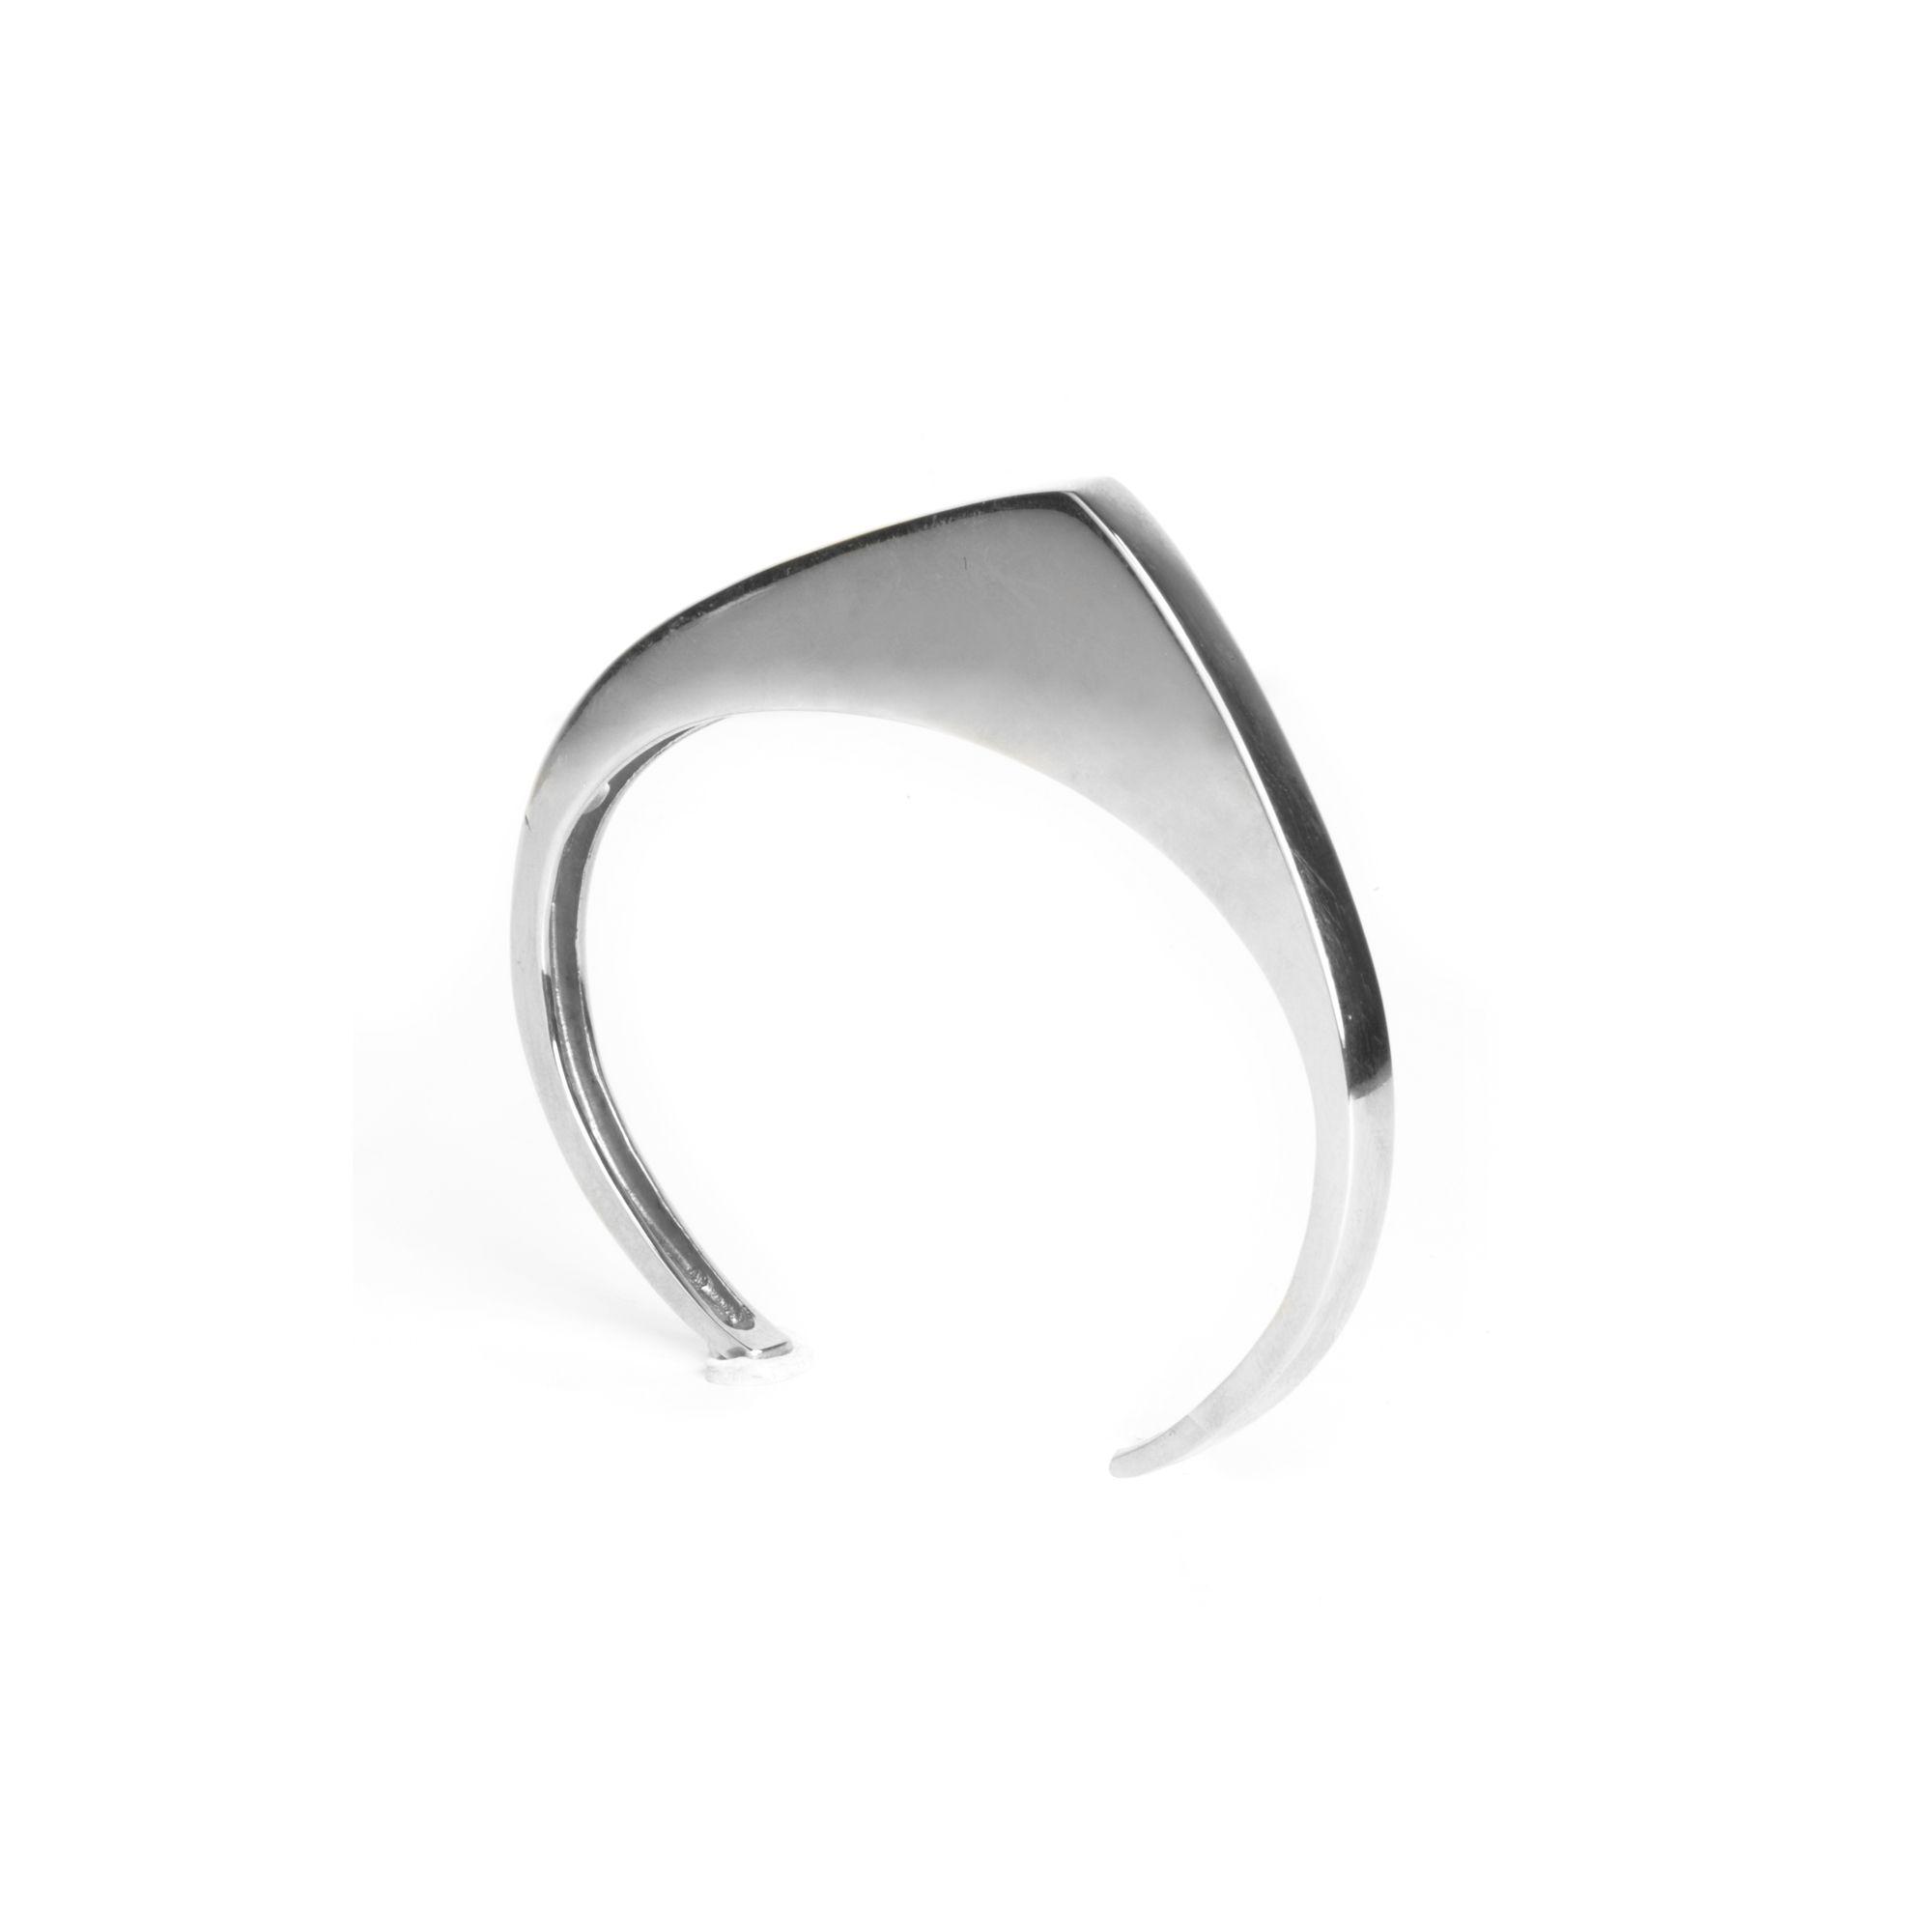 1 element 'Congiunzioni' bracelet Silver bracelet